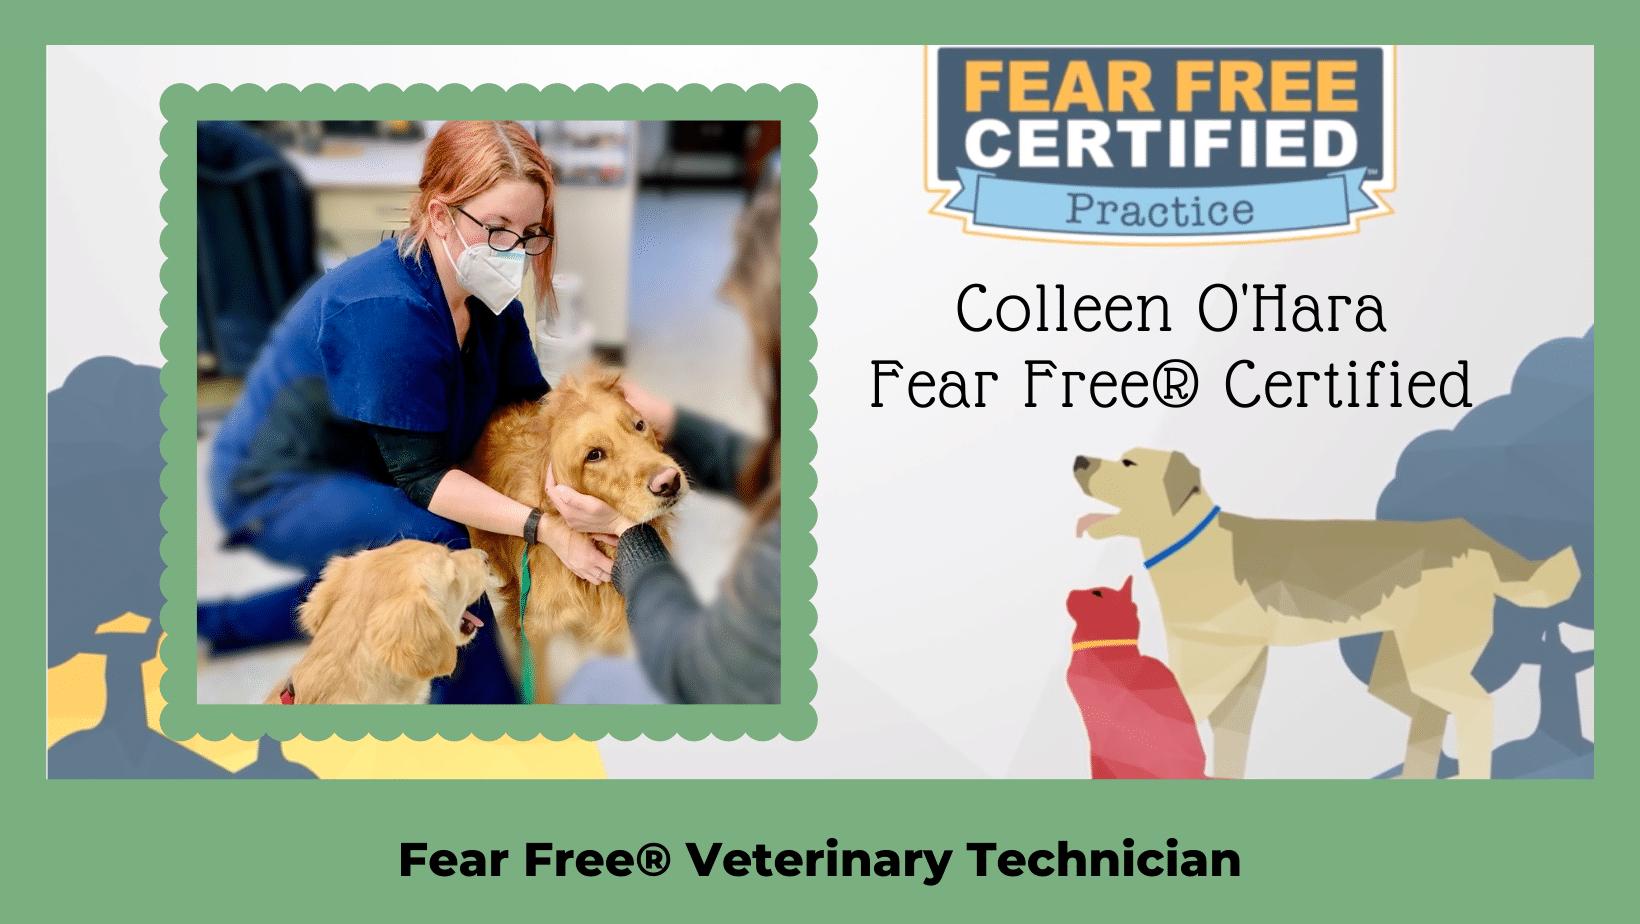 Colleen Certified Fear Free Technician